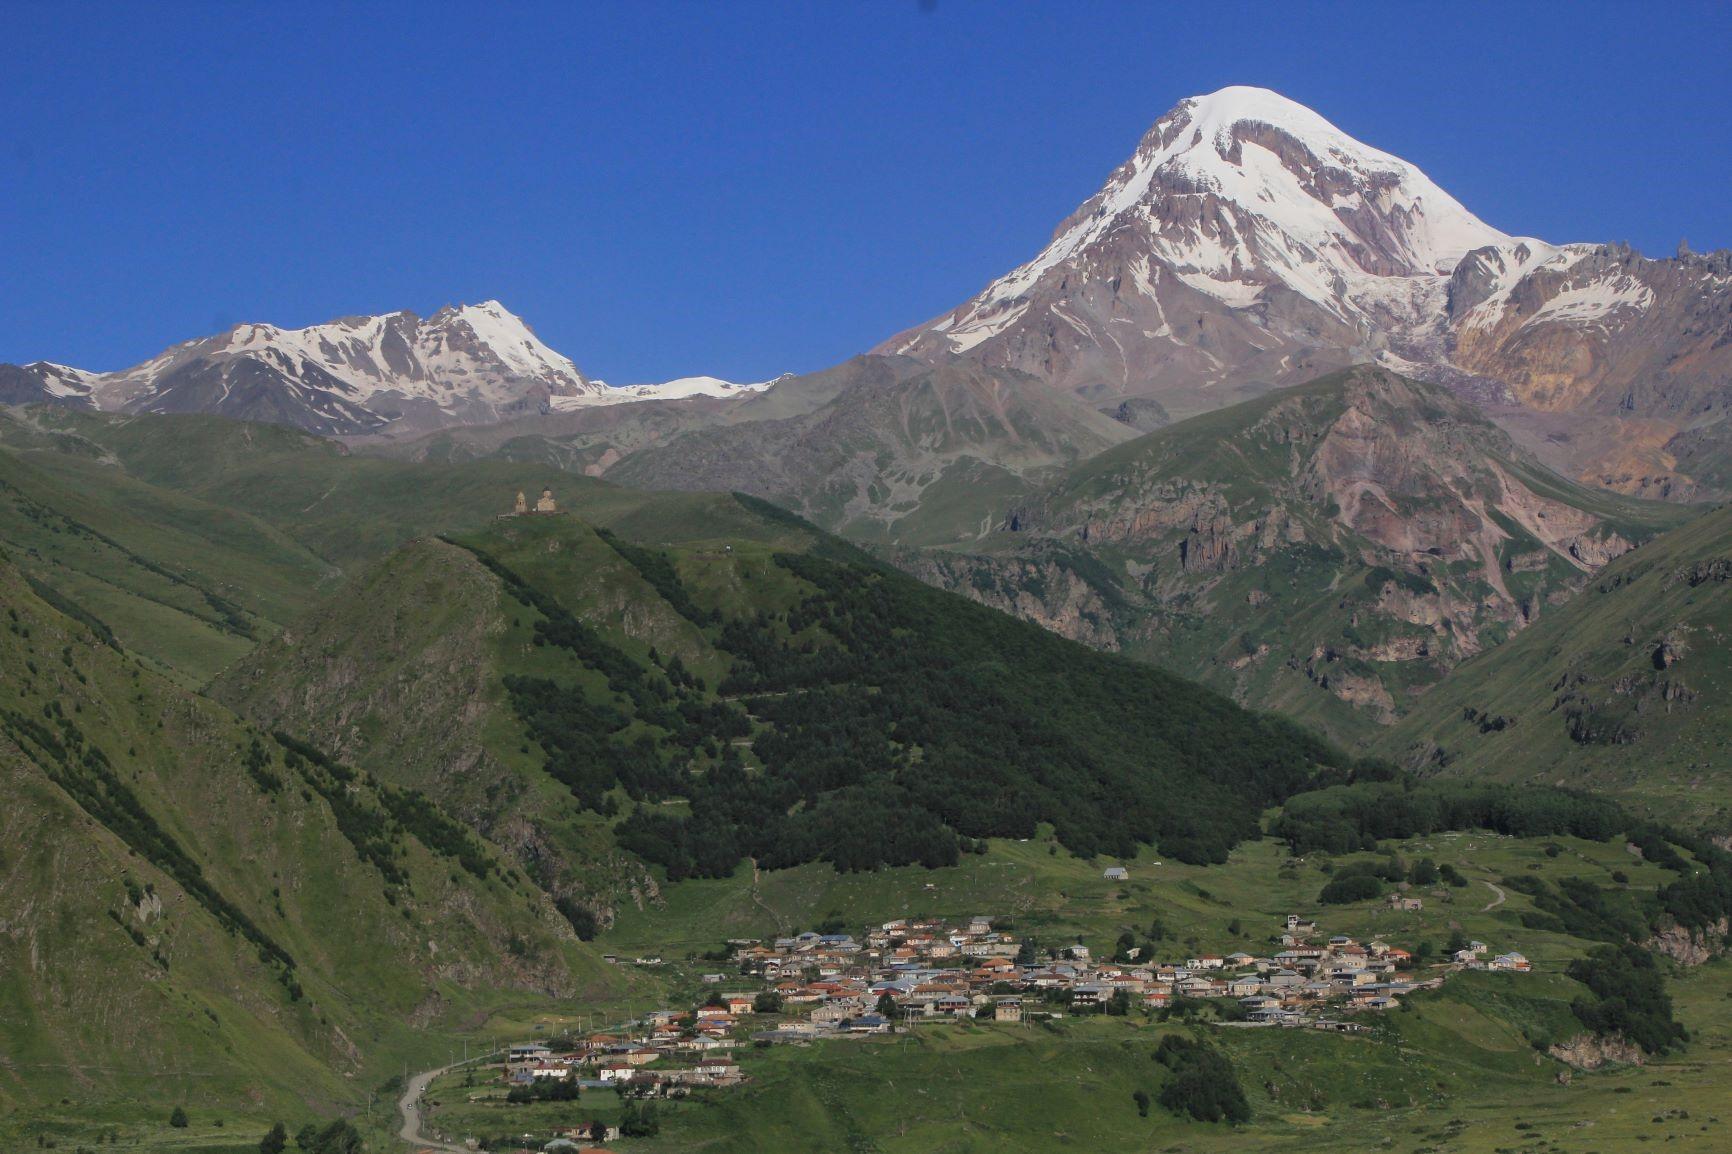 ガズベキ村からのガズベキ峰(5,033m)